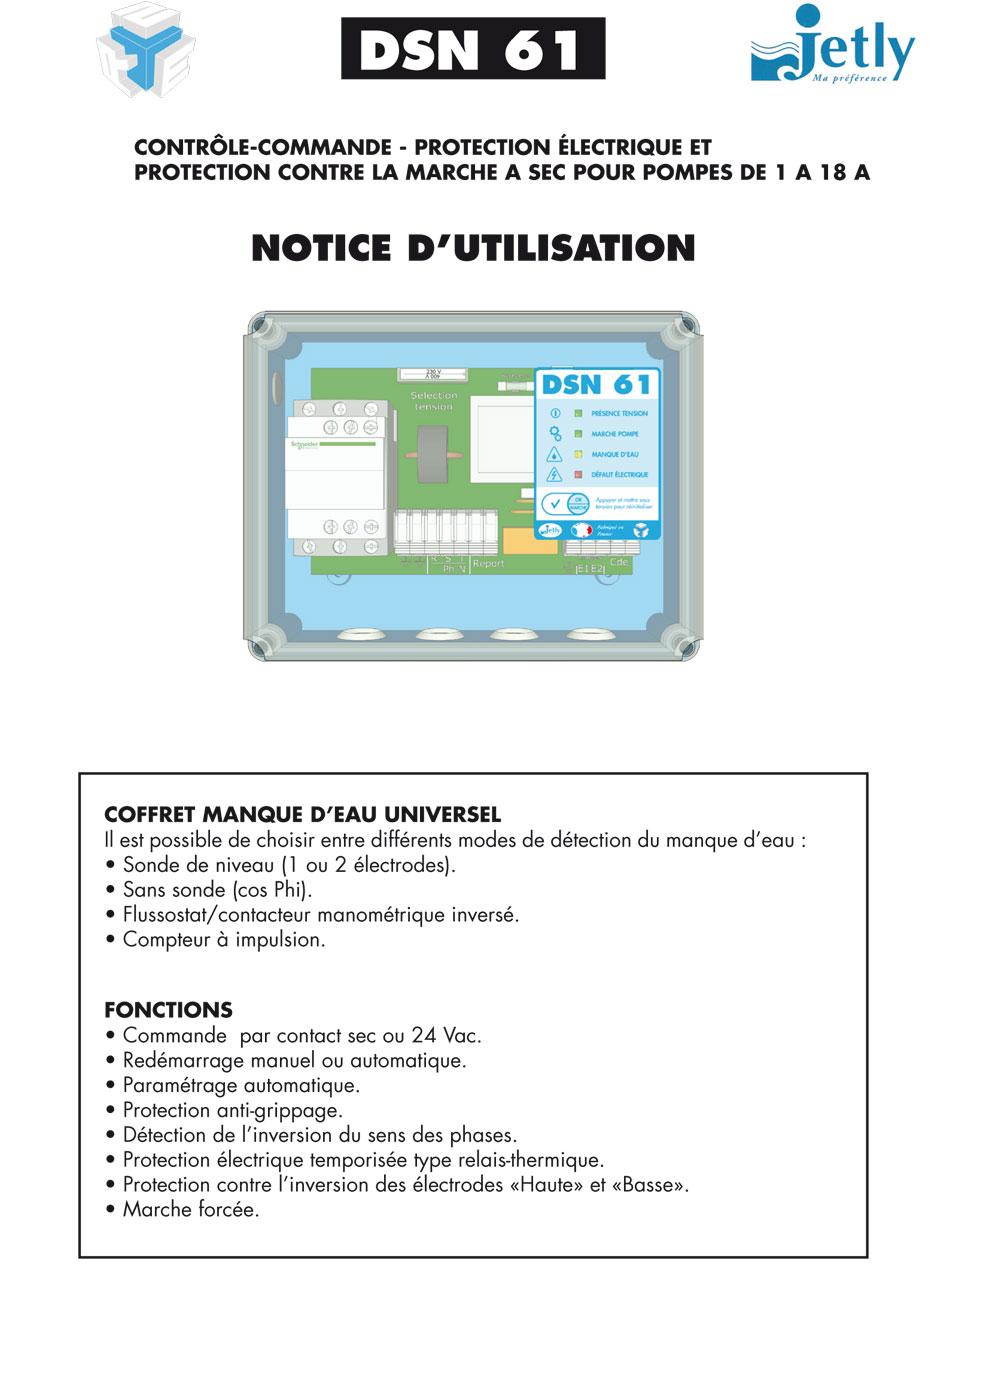 DSN 61, protection contre la marche à sec